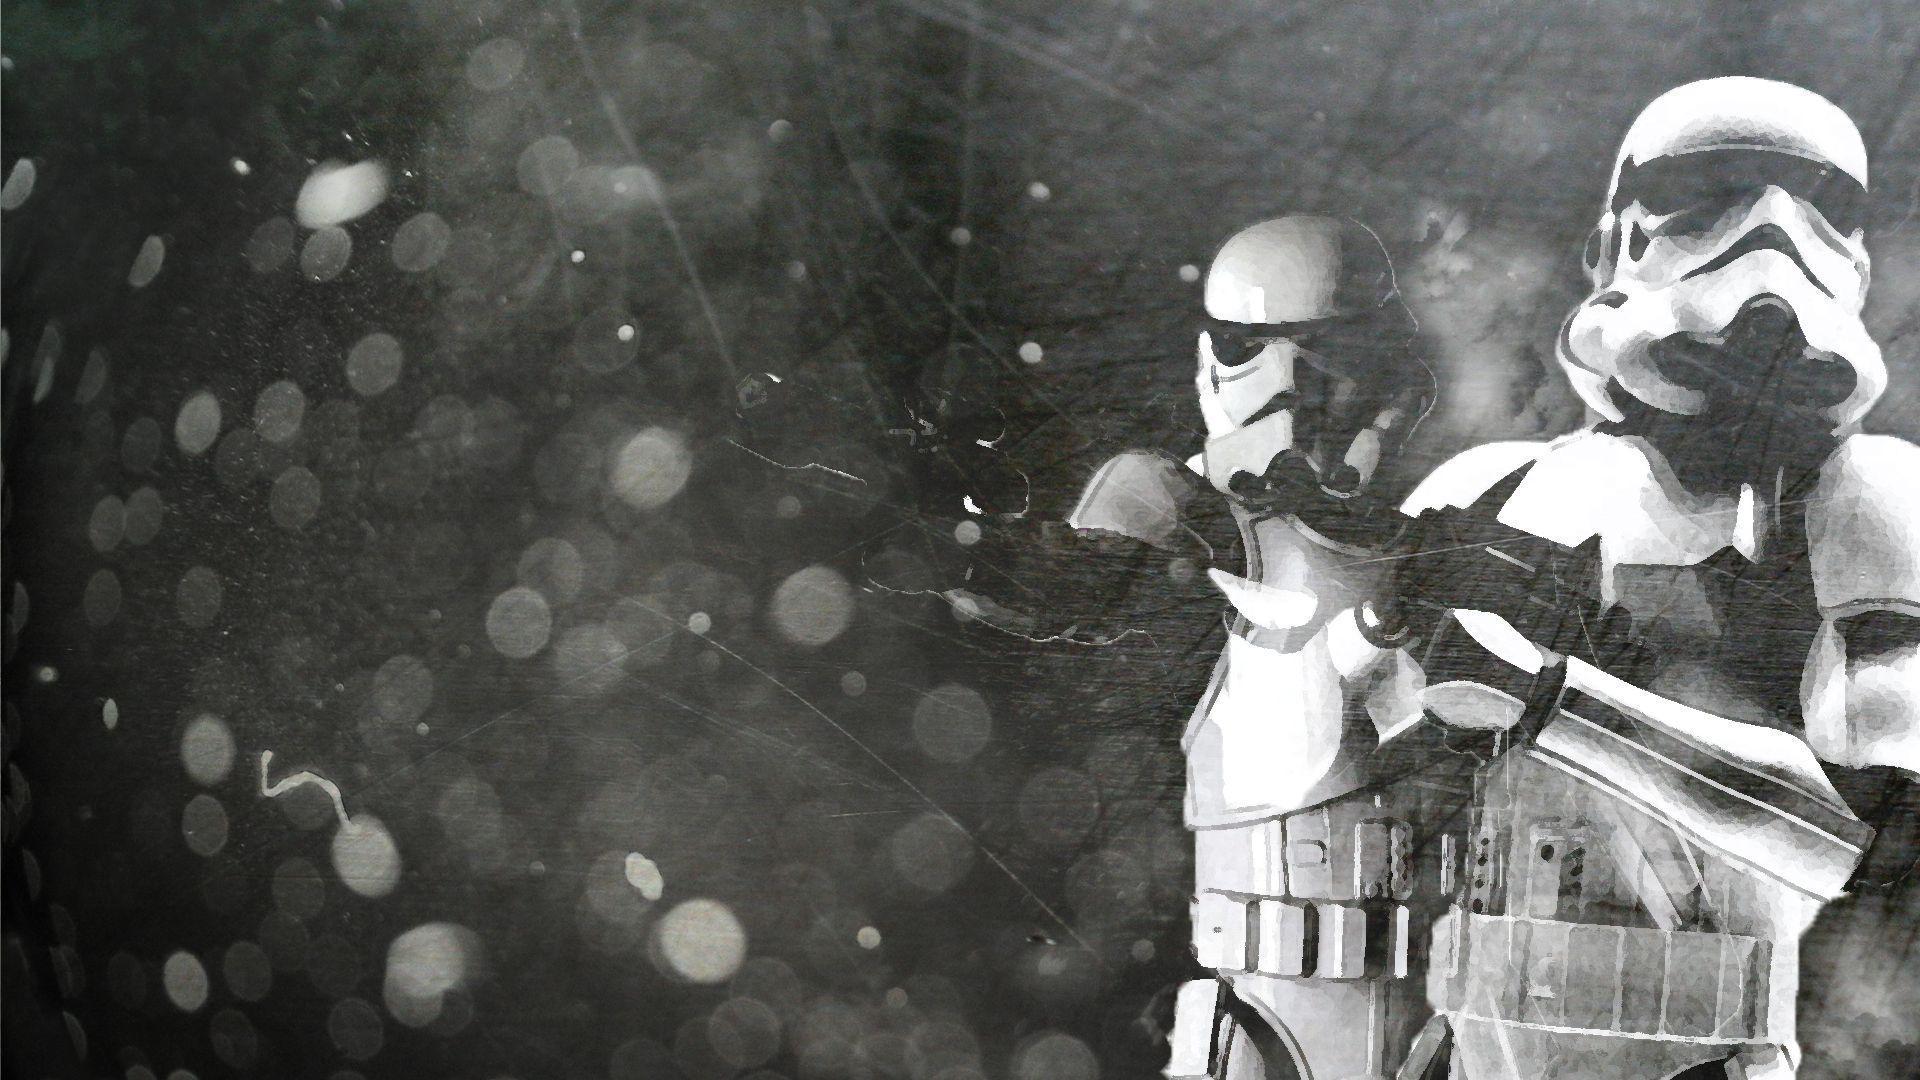 Imperial Stormtrooper Wallpaper - WallpaperSafari